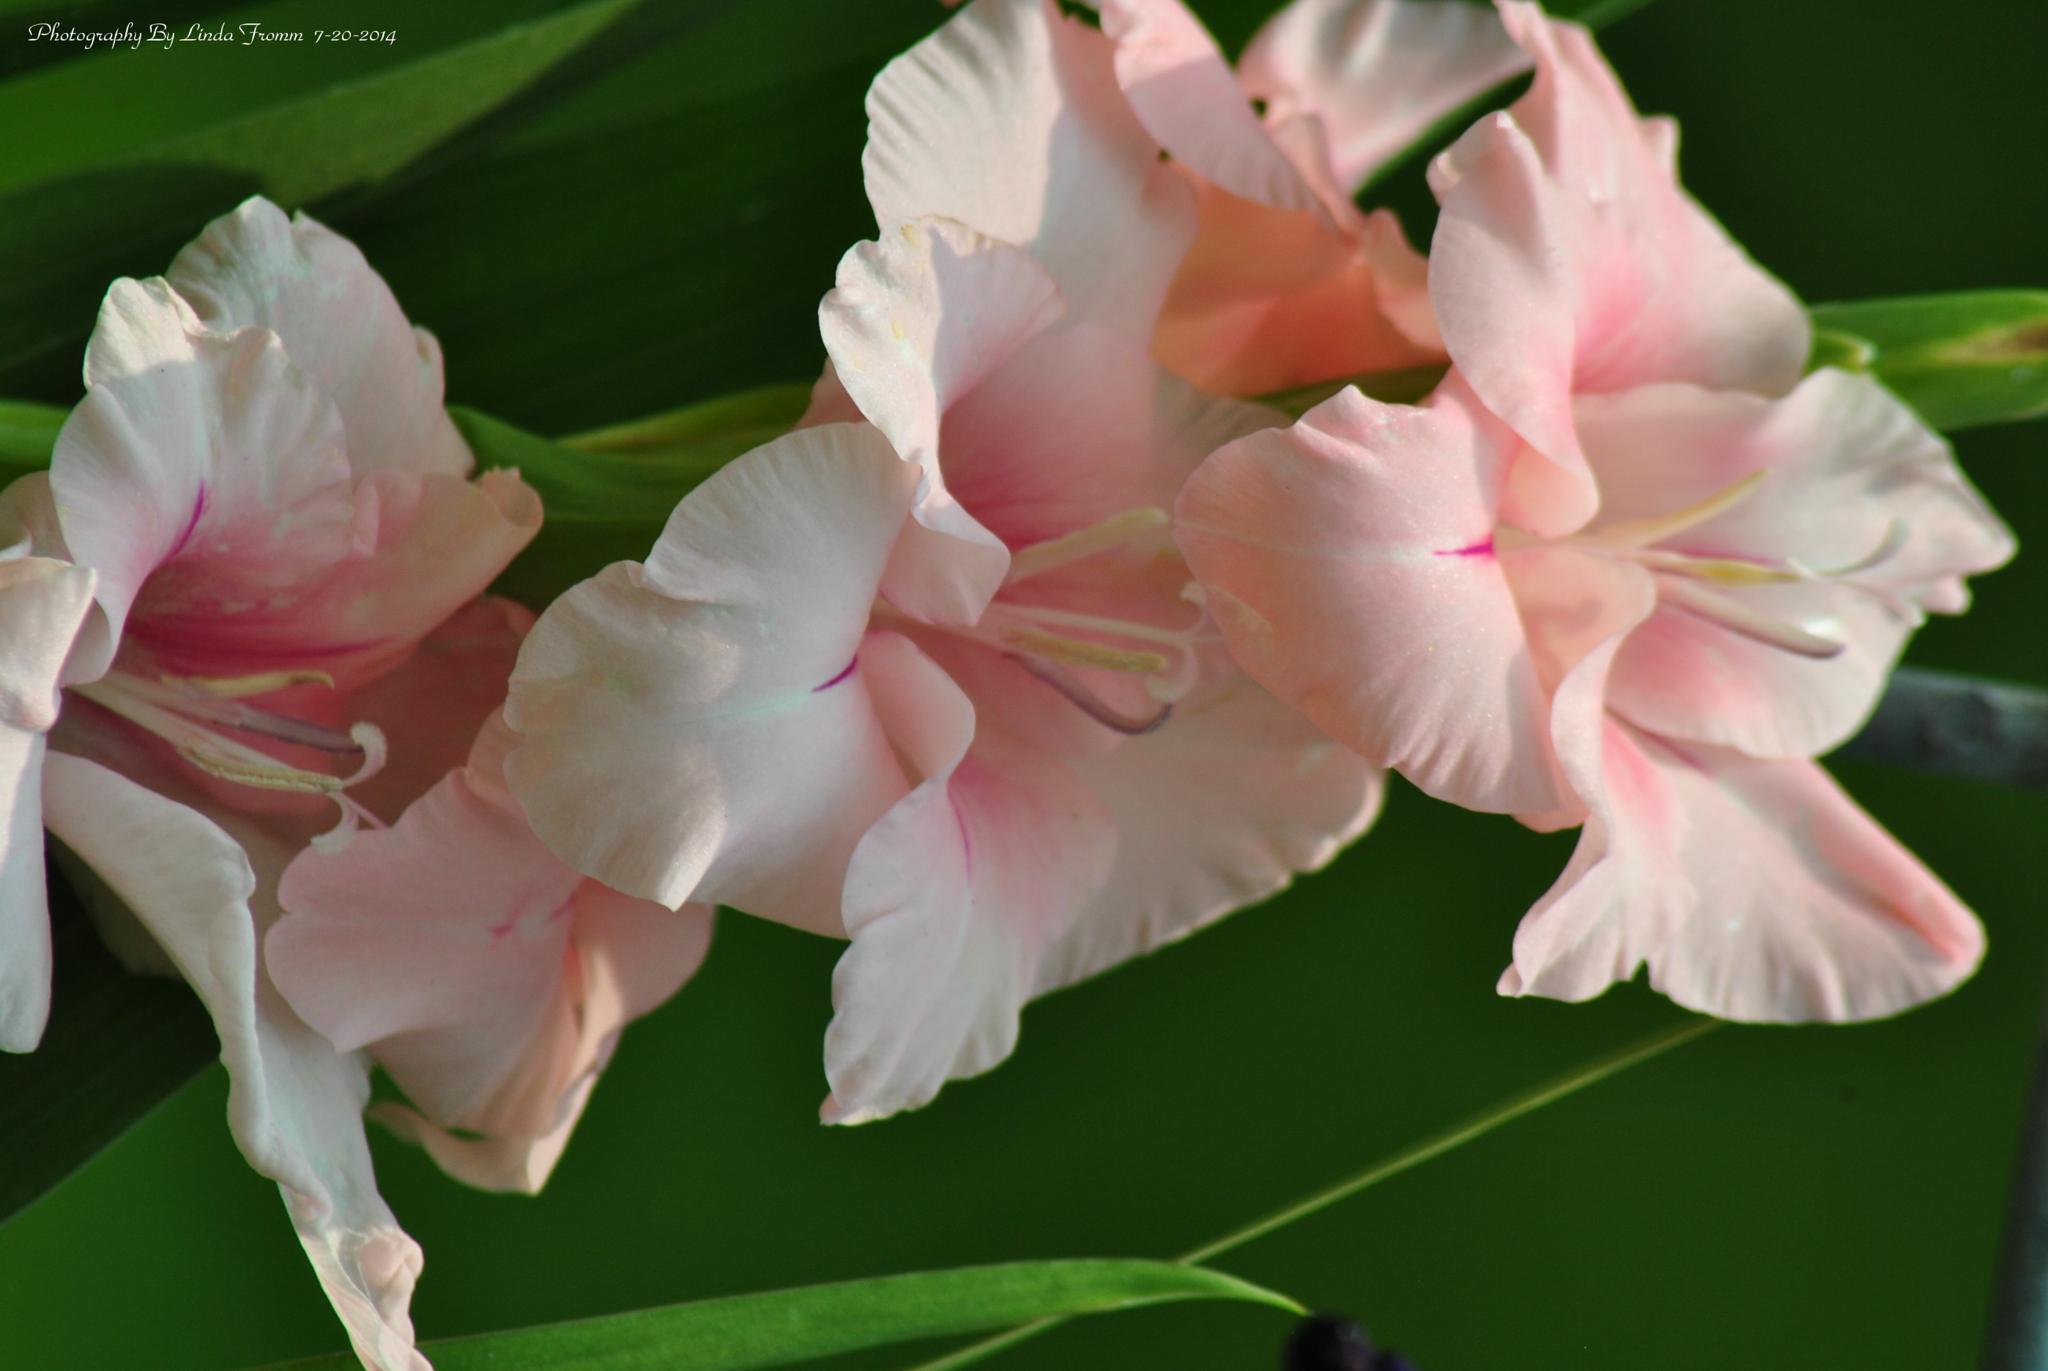 Gladiolus by Linda Gifford